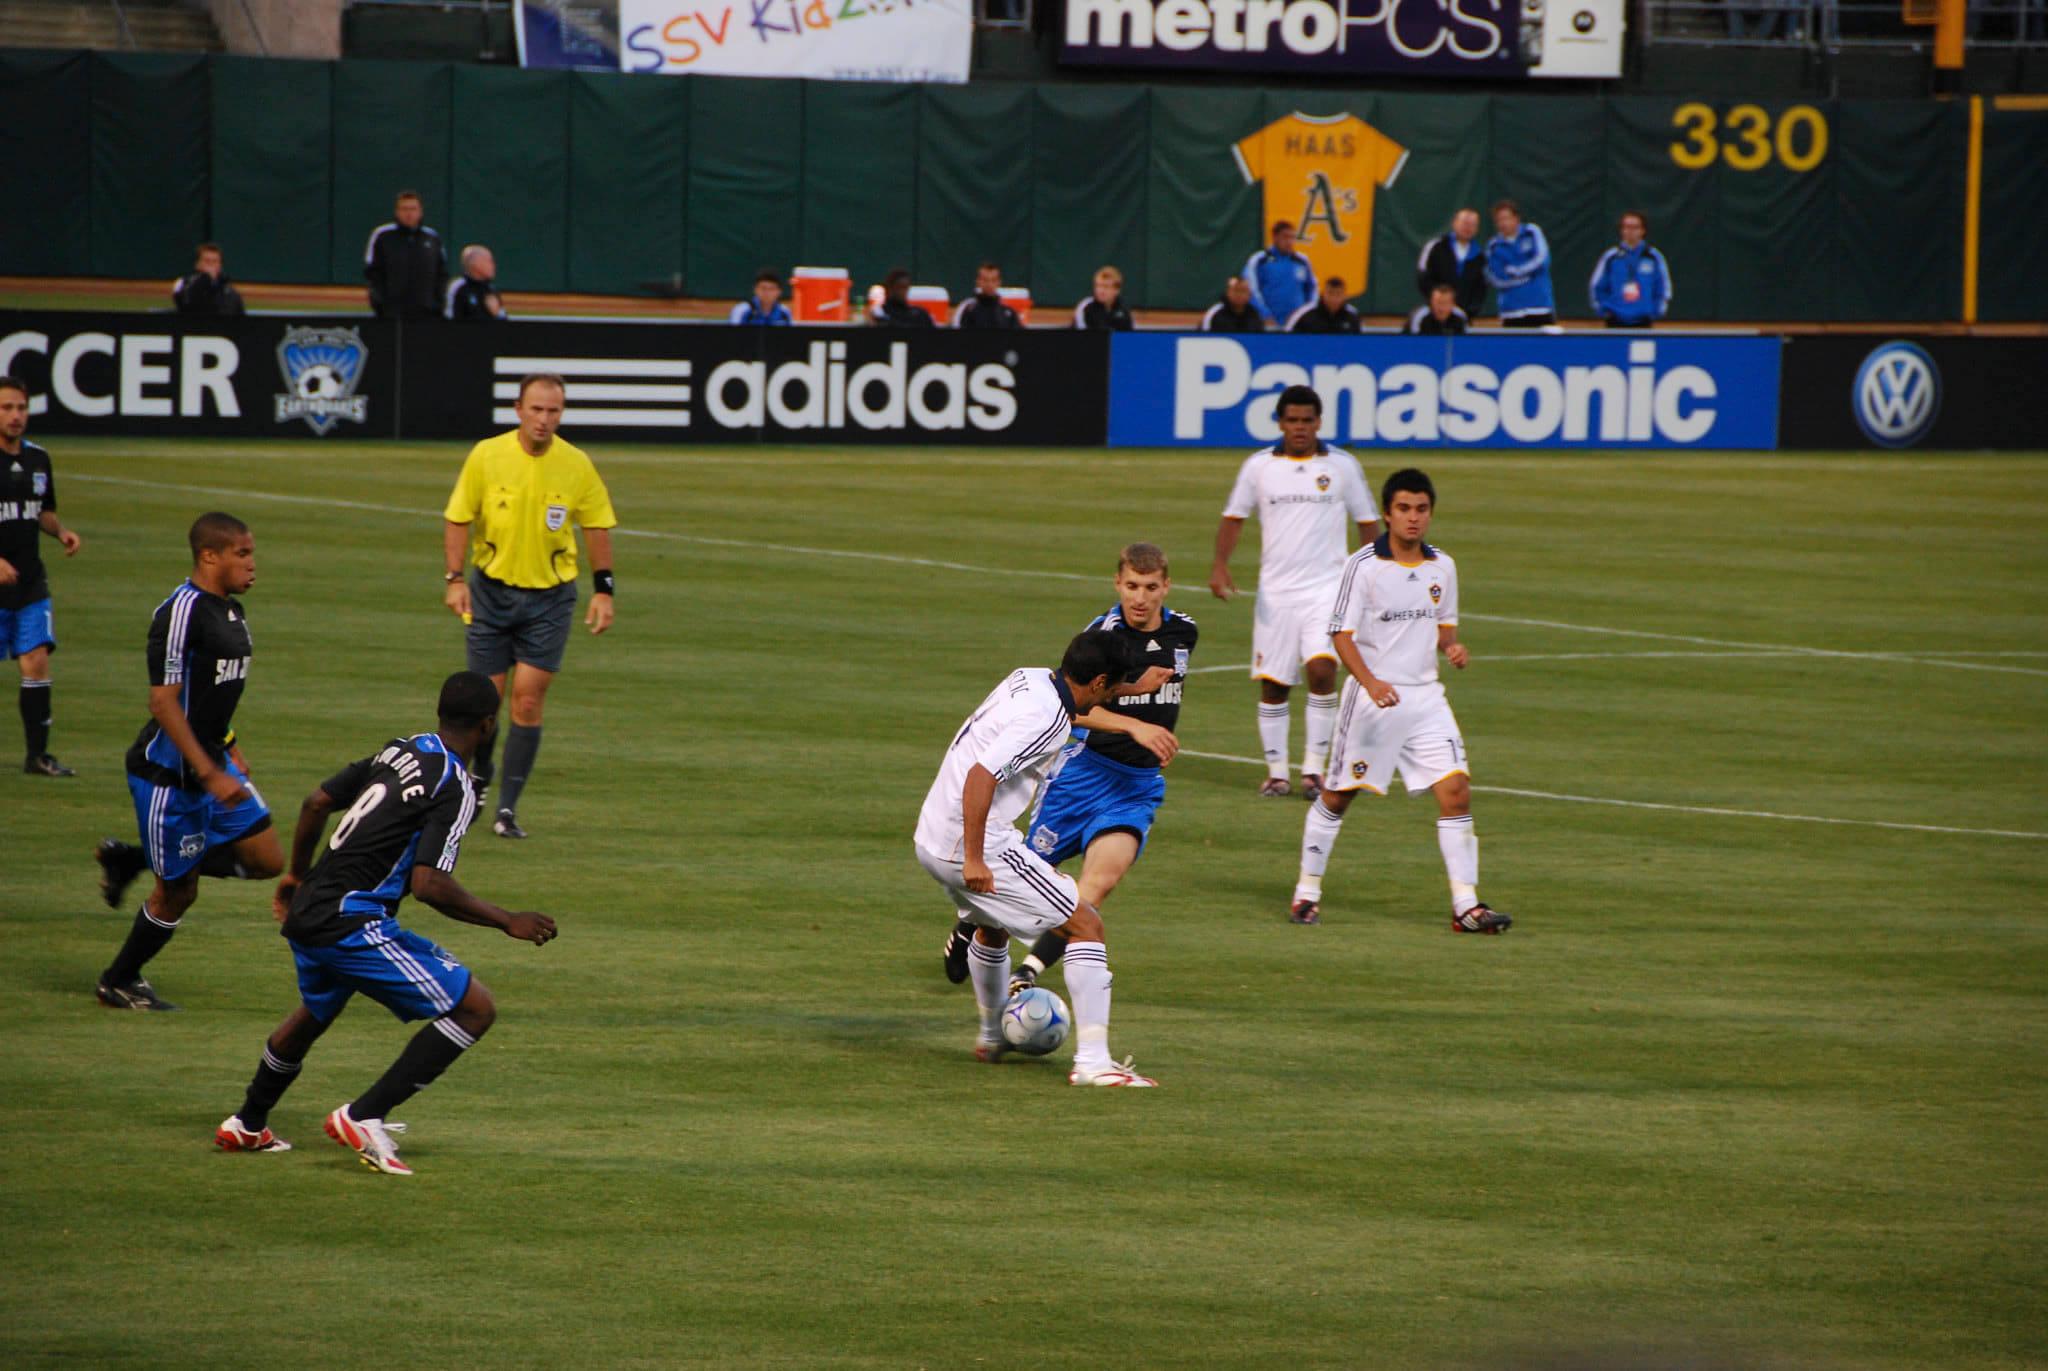 LA Galaxy vs San Jose Earthquakes MLS California Clasico rivalry